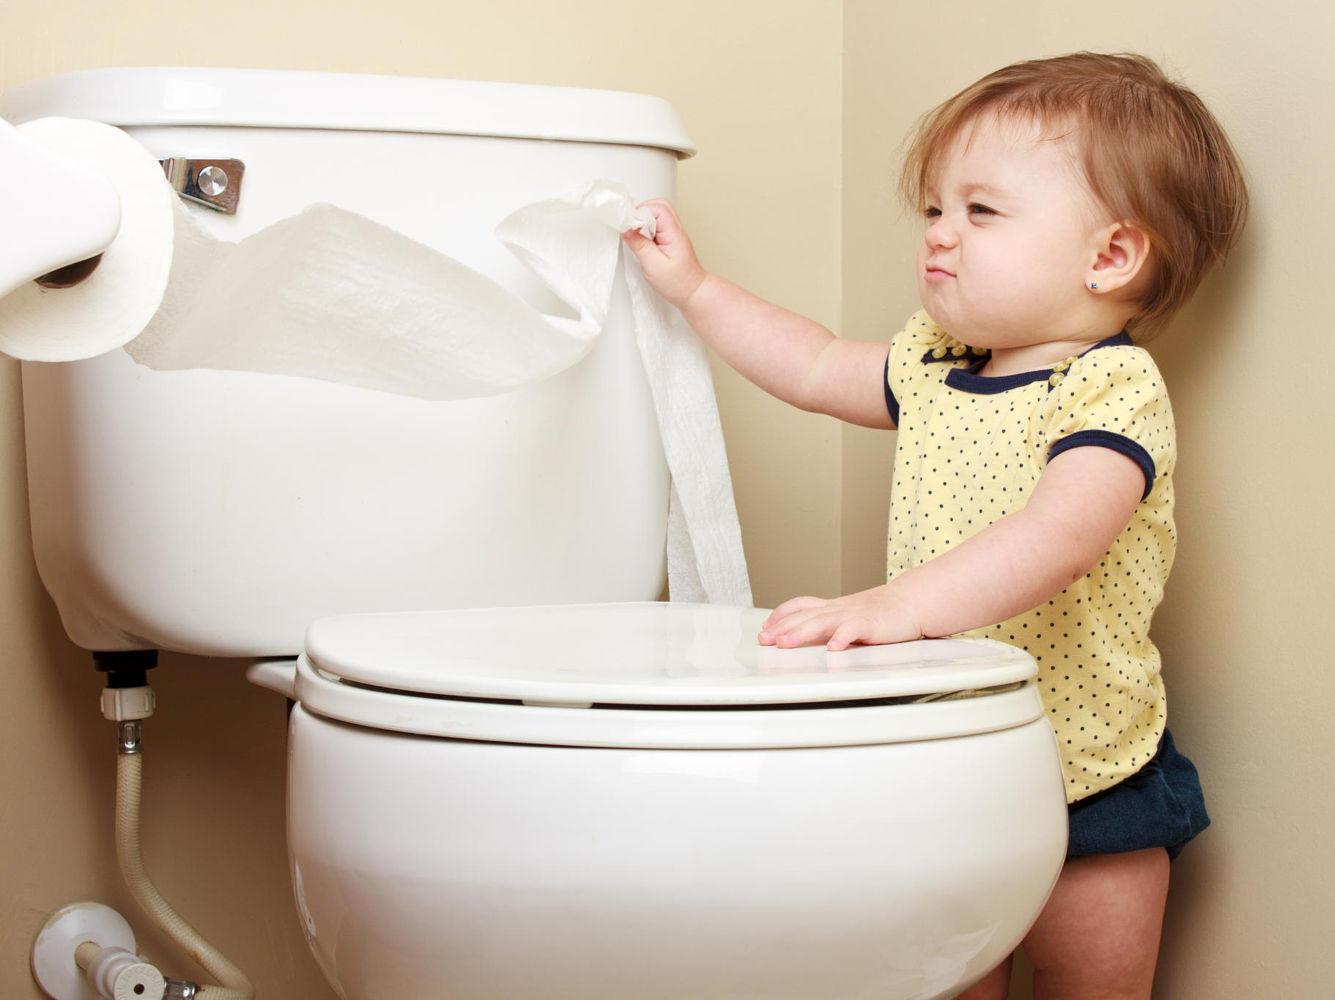 秋季腹泻高发期,让宝宝远离上吐下泻会这几招就够